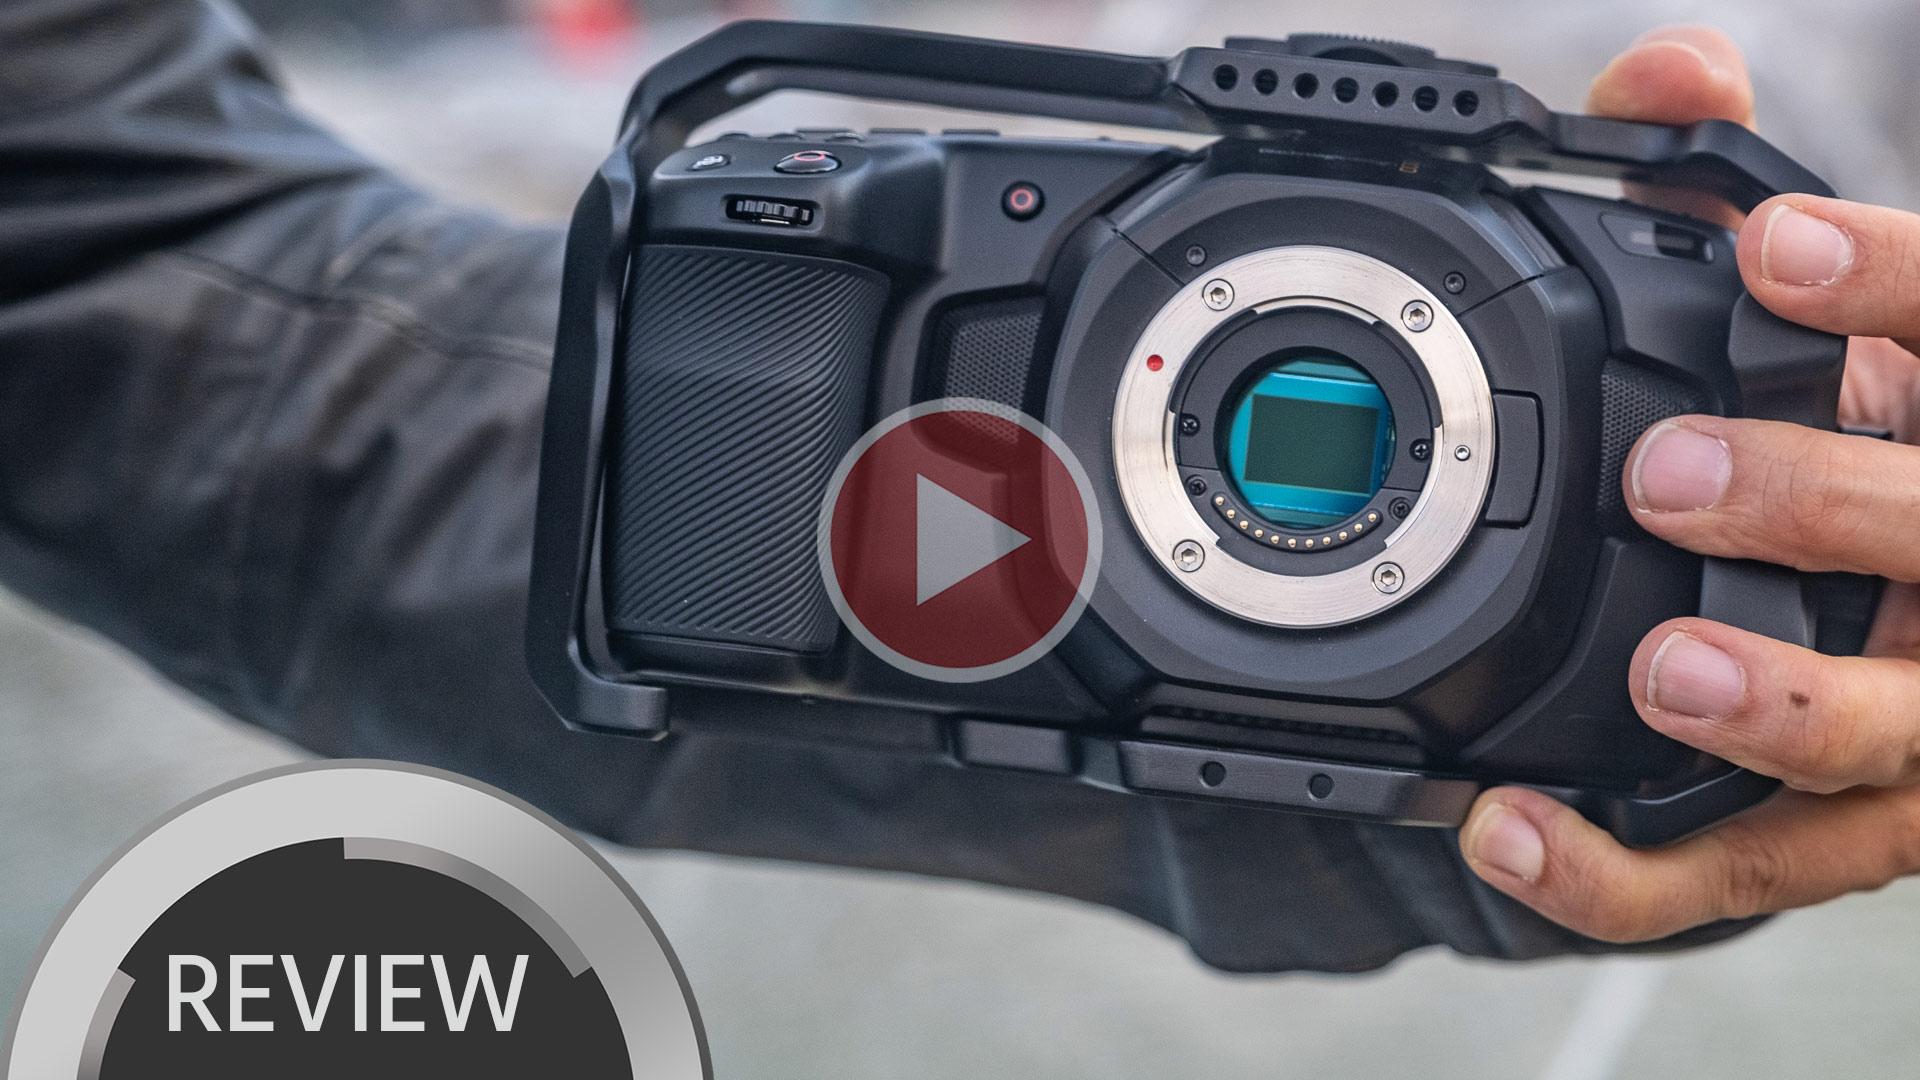 ブラックマジックPocket Cinema Camera 4Kレビュー